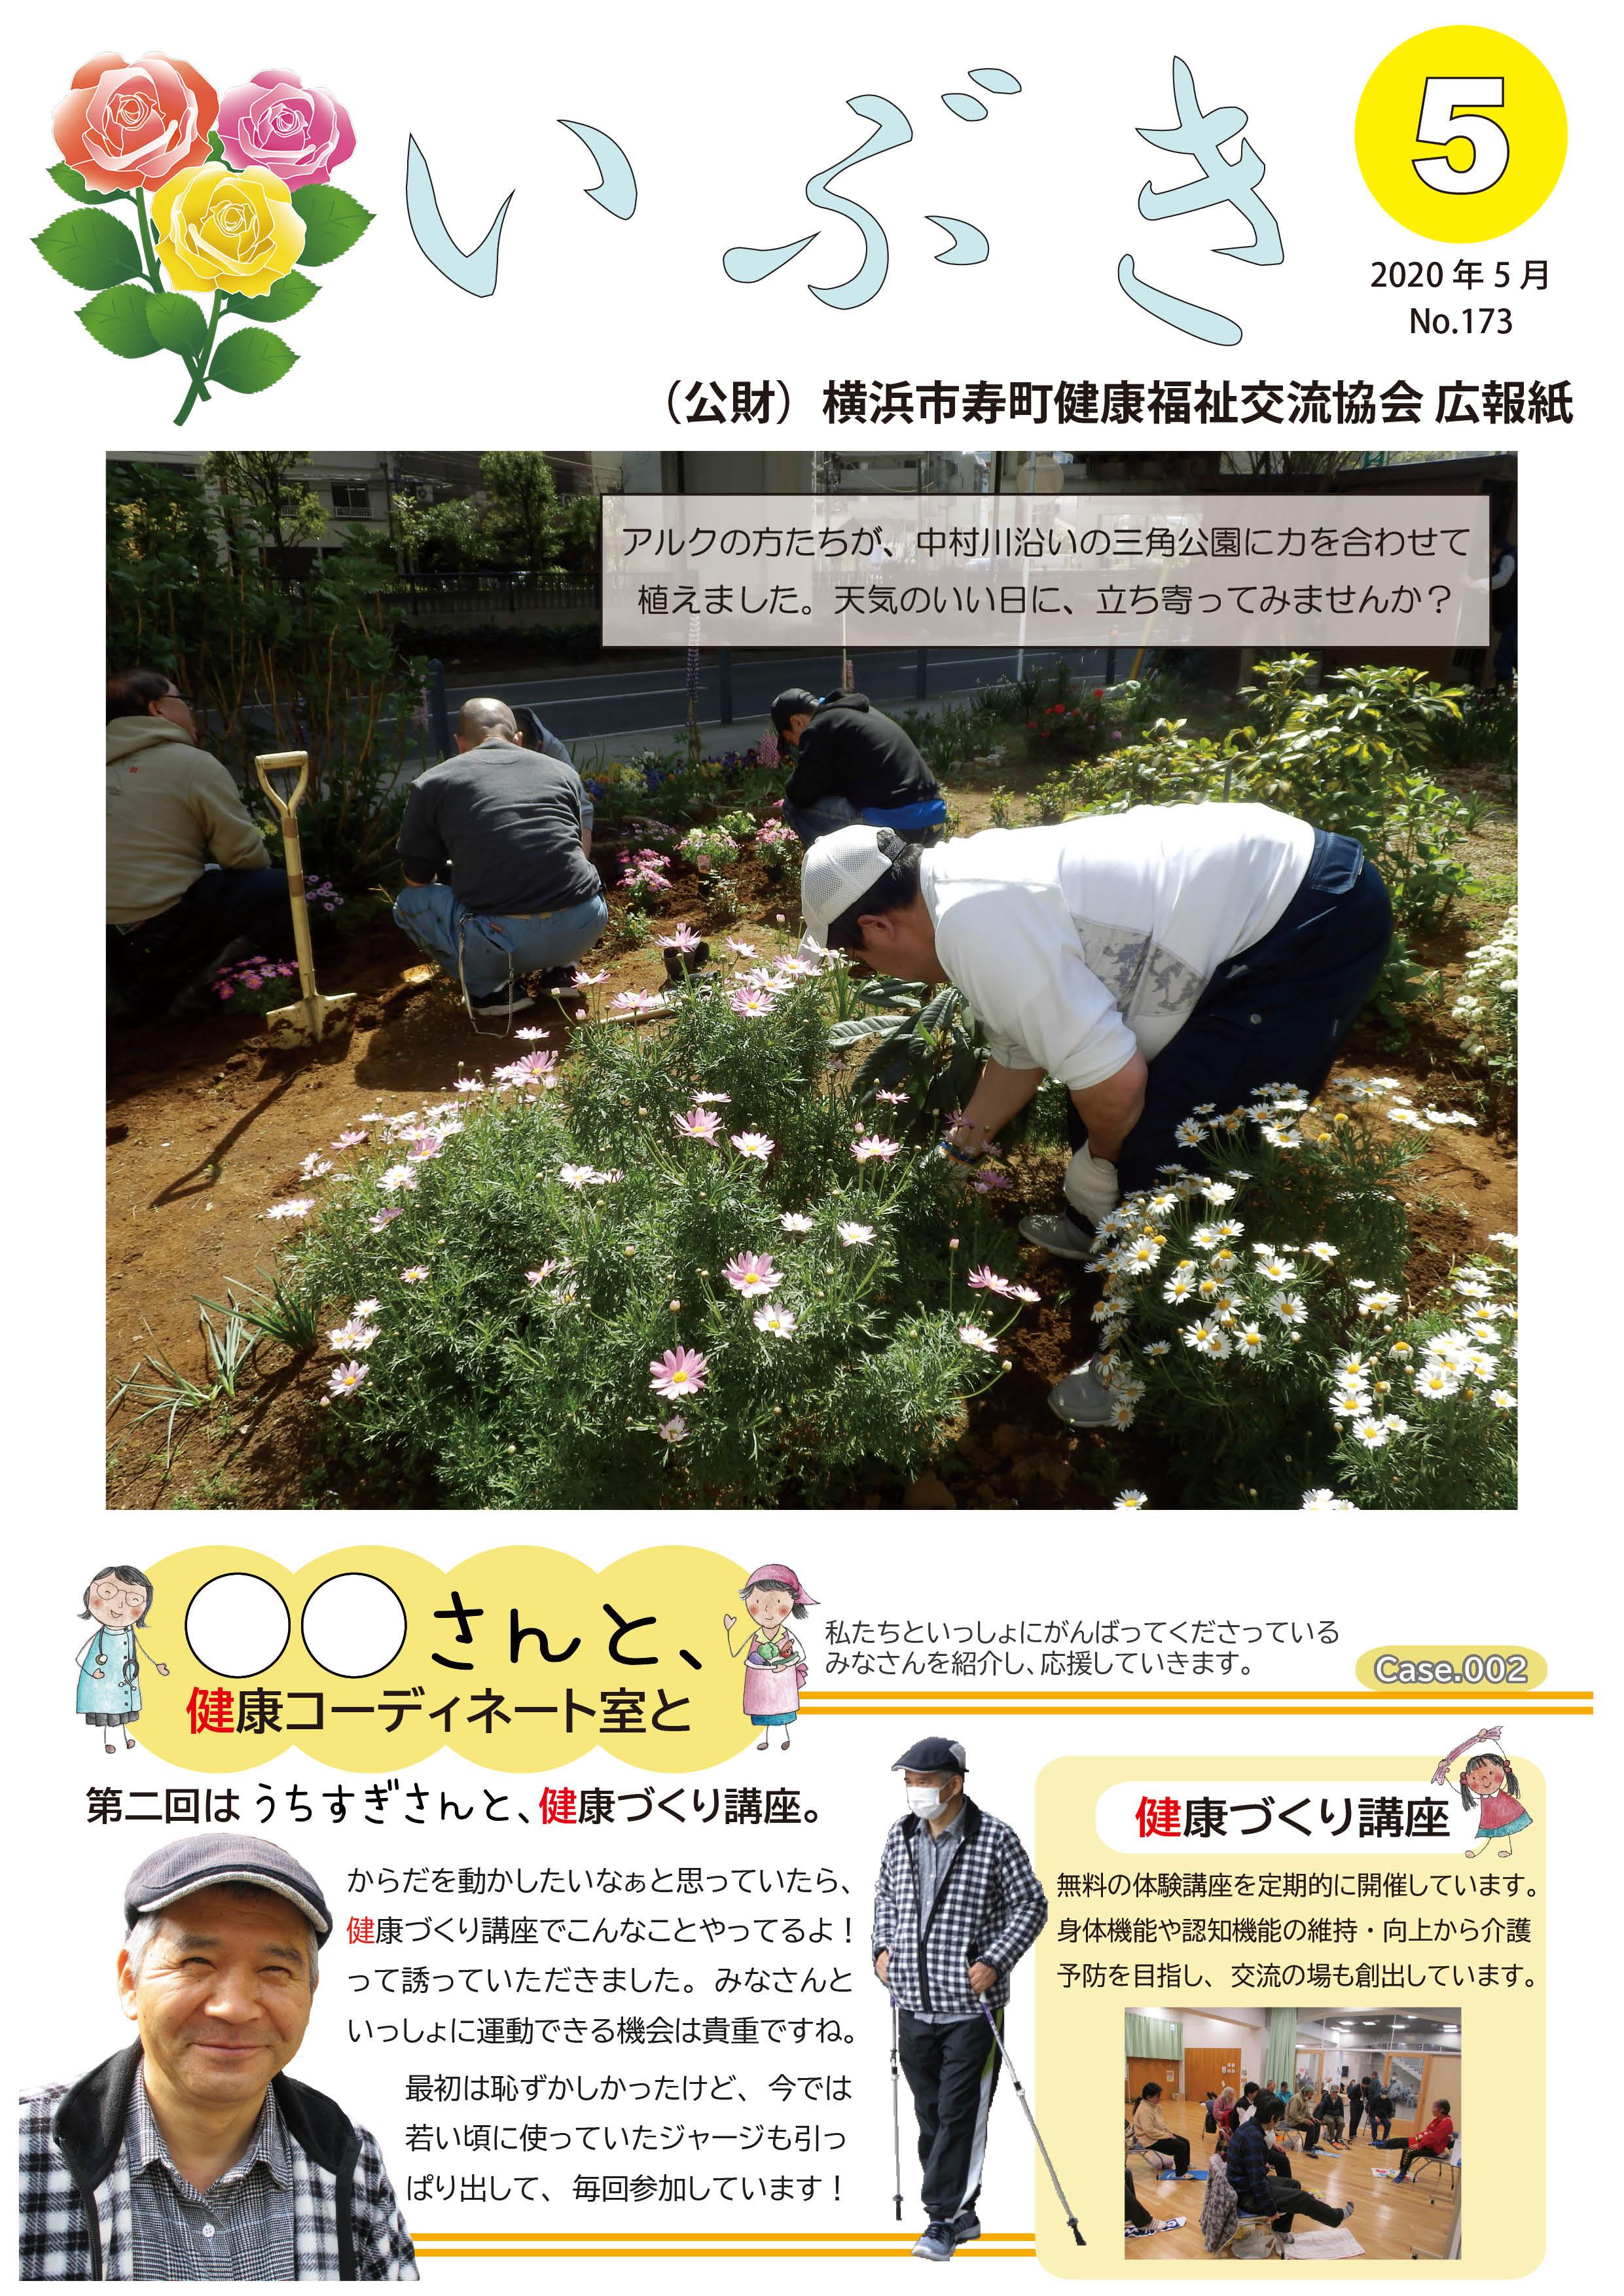 広報紙いぶき2020年5月号(No.173)